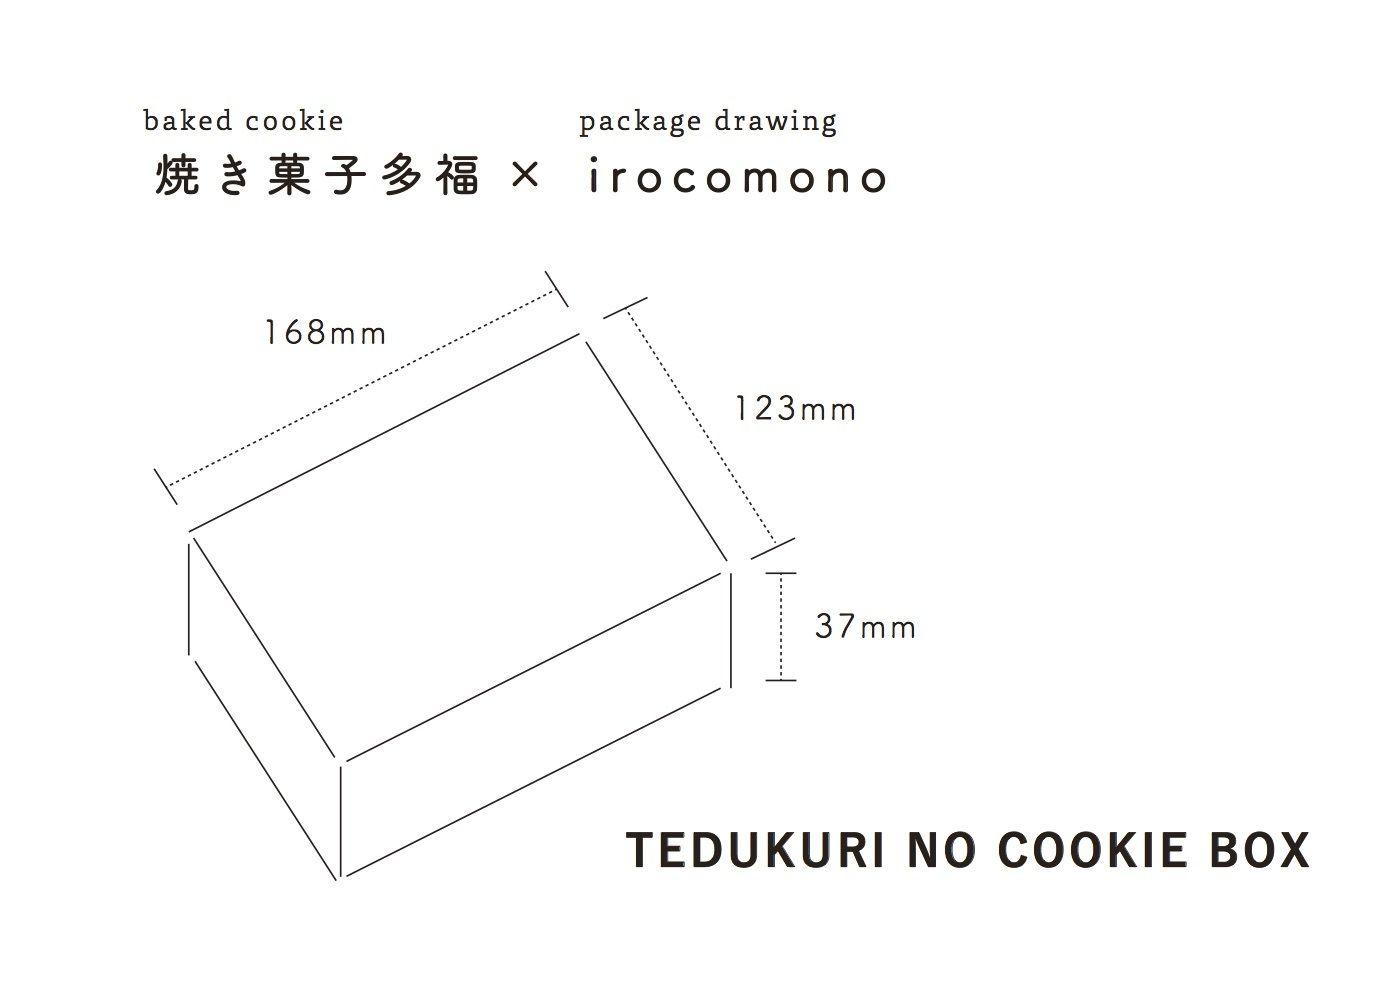 スペシャルクッキー缶登場